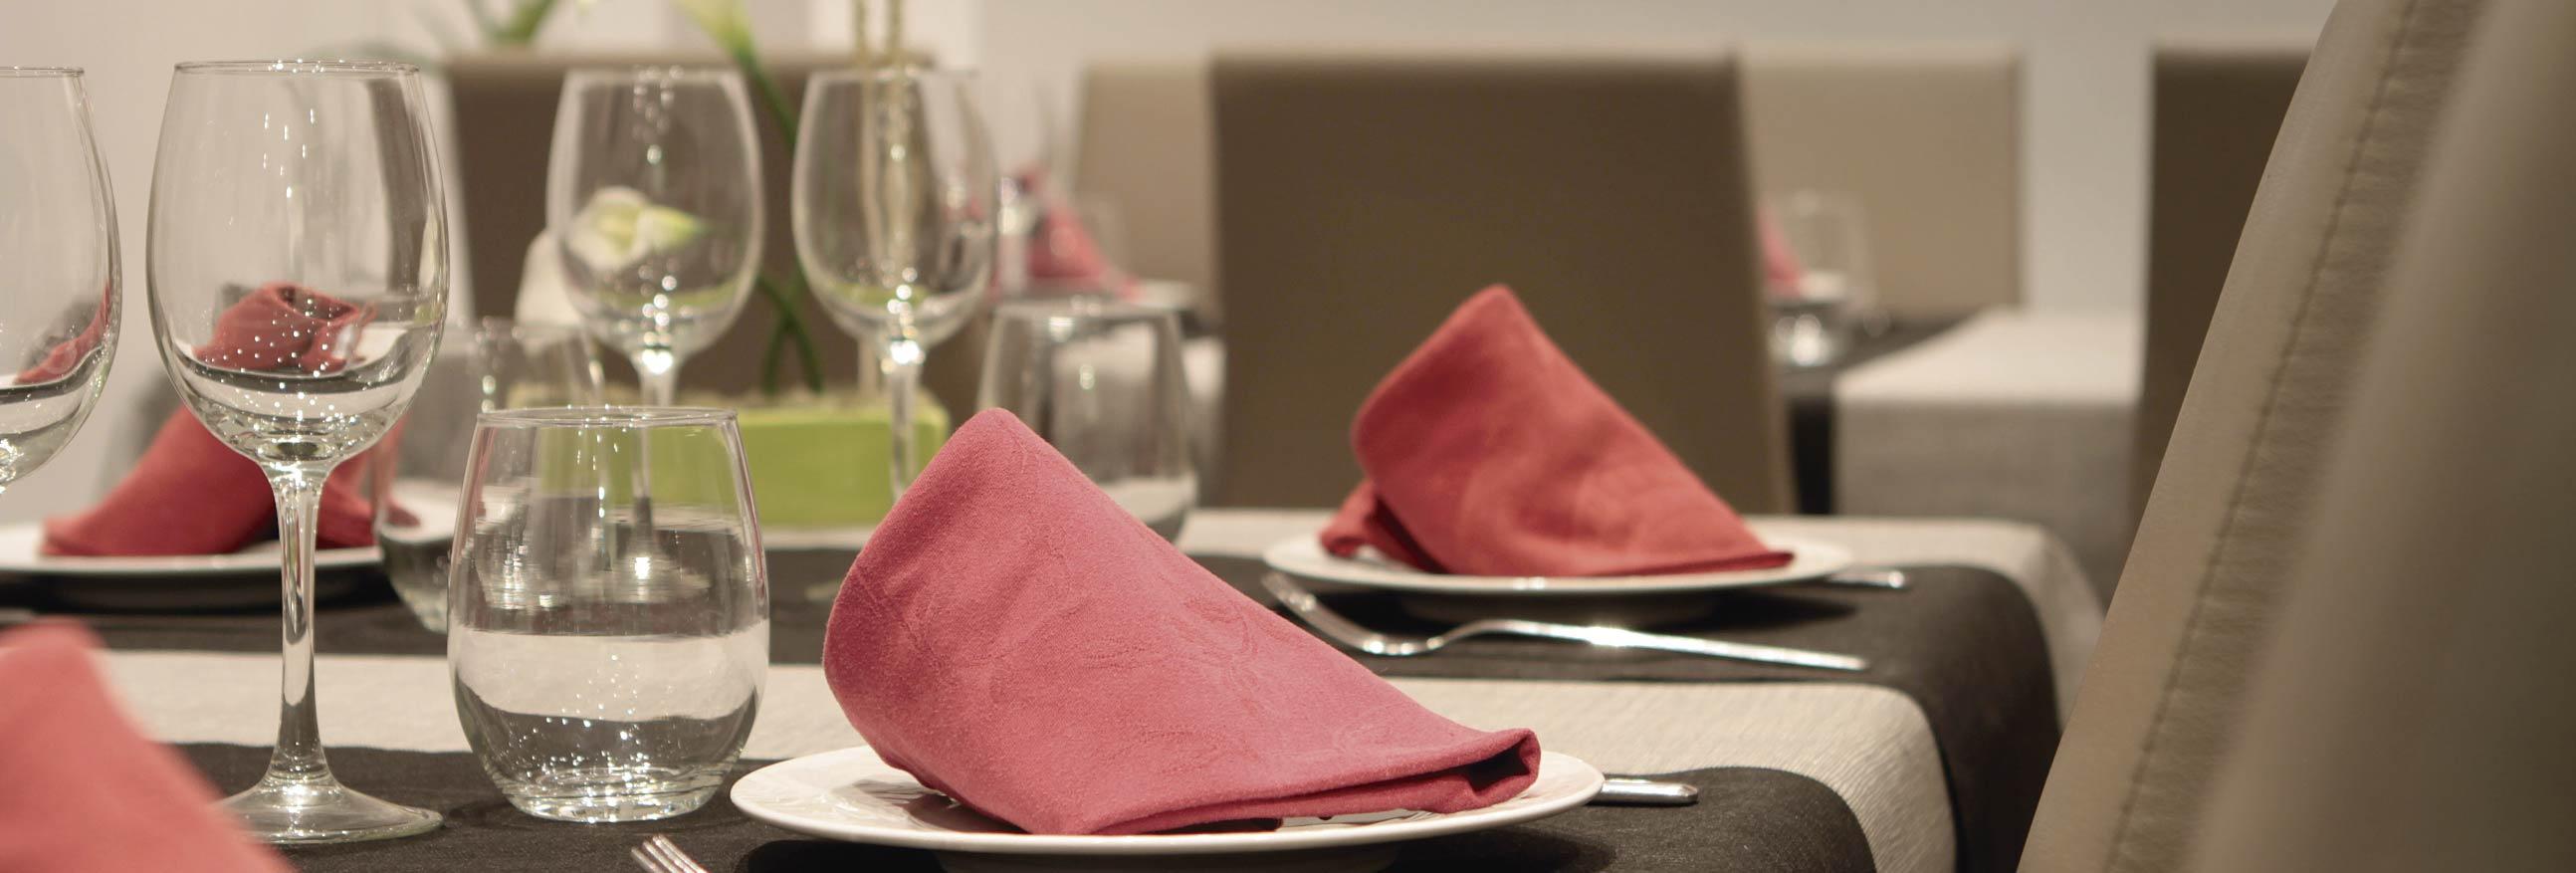 hostal la creu mora ebre tarragona restaurant 2-01-01-01-01-01